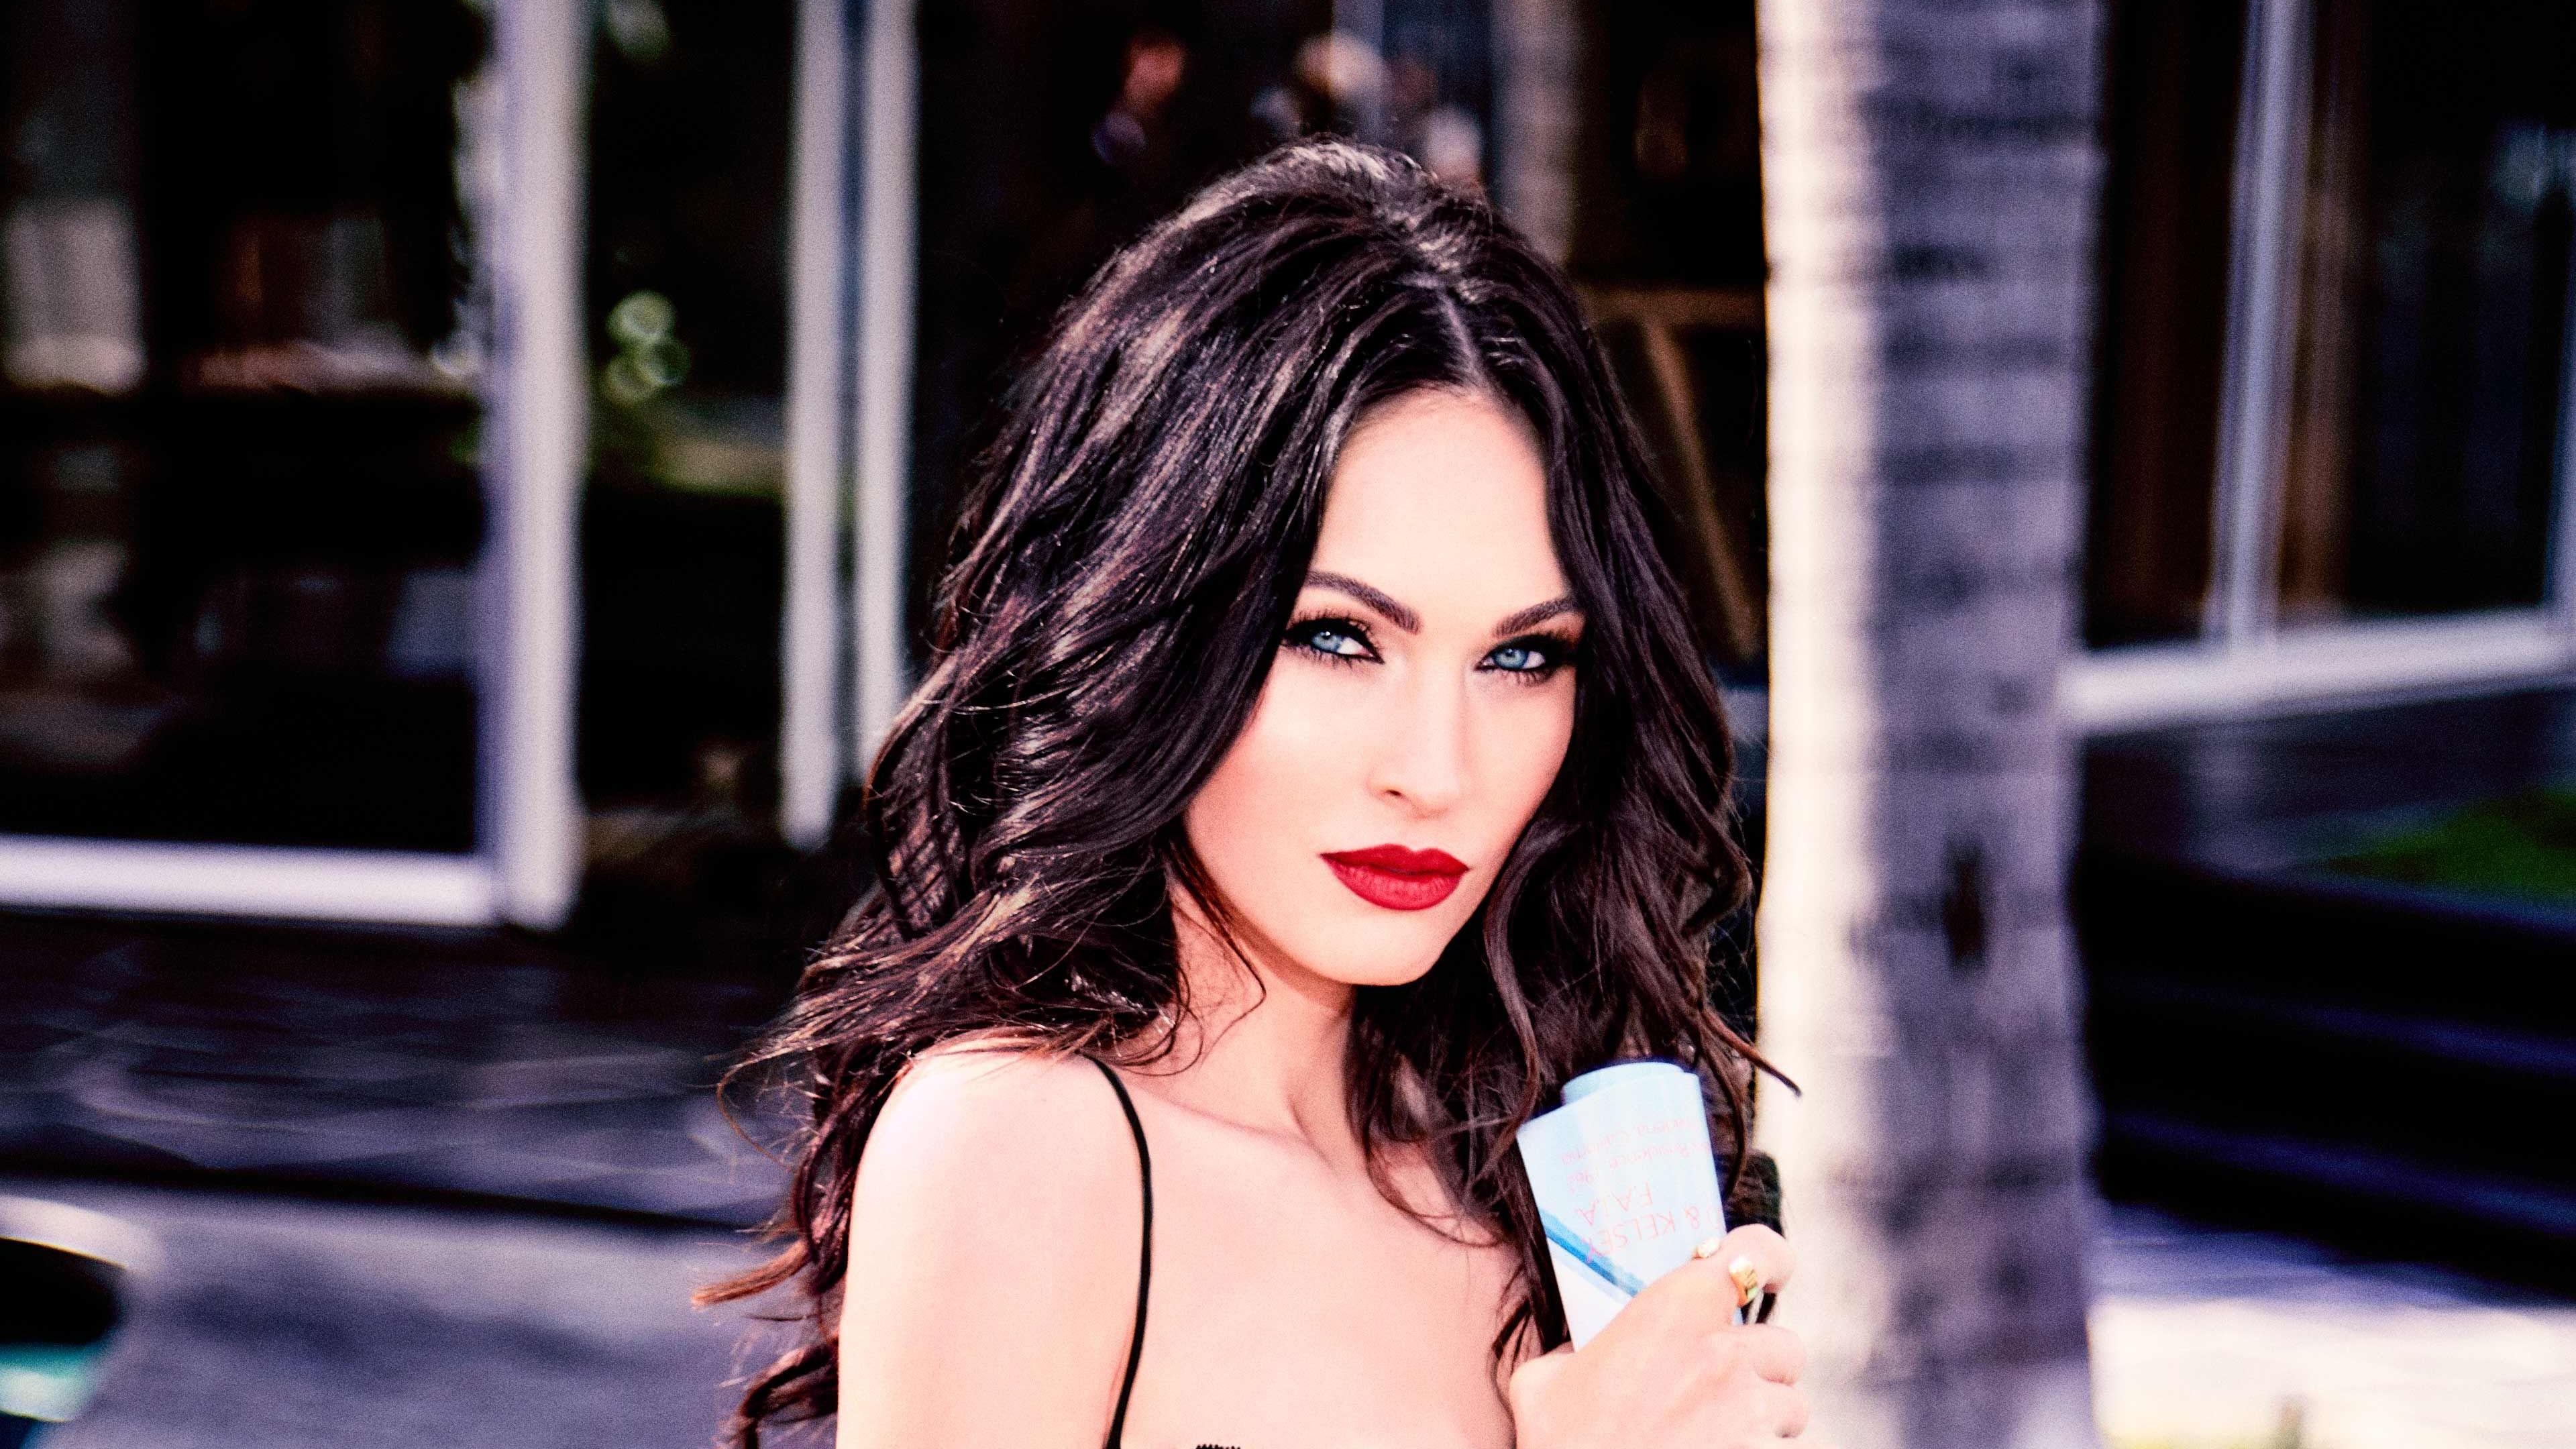 Megan Fox 2019, HD Celebrities, 4k Wallpapers, Images ...